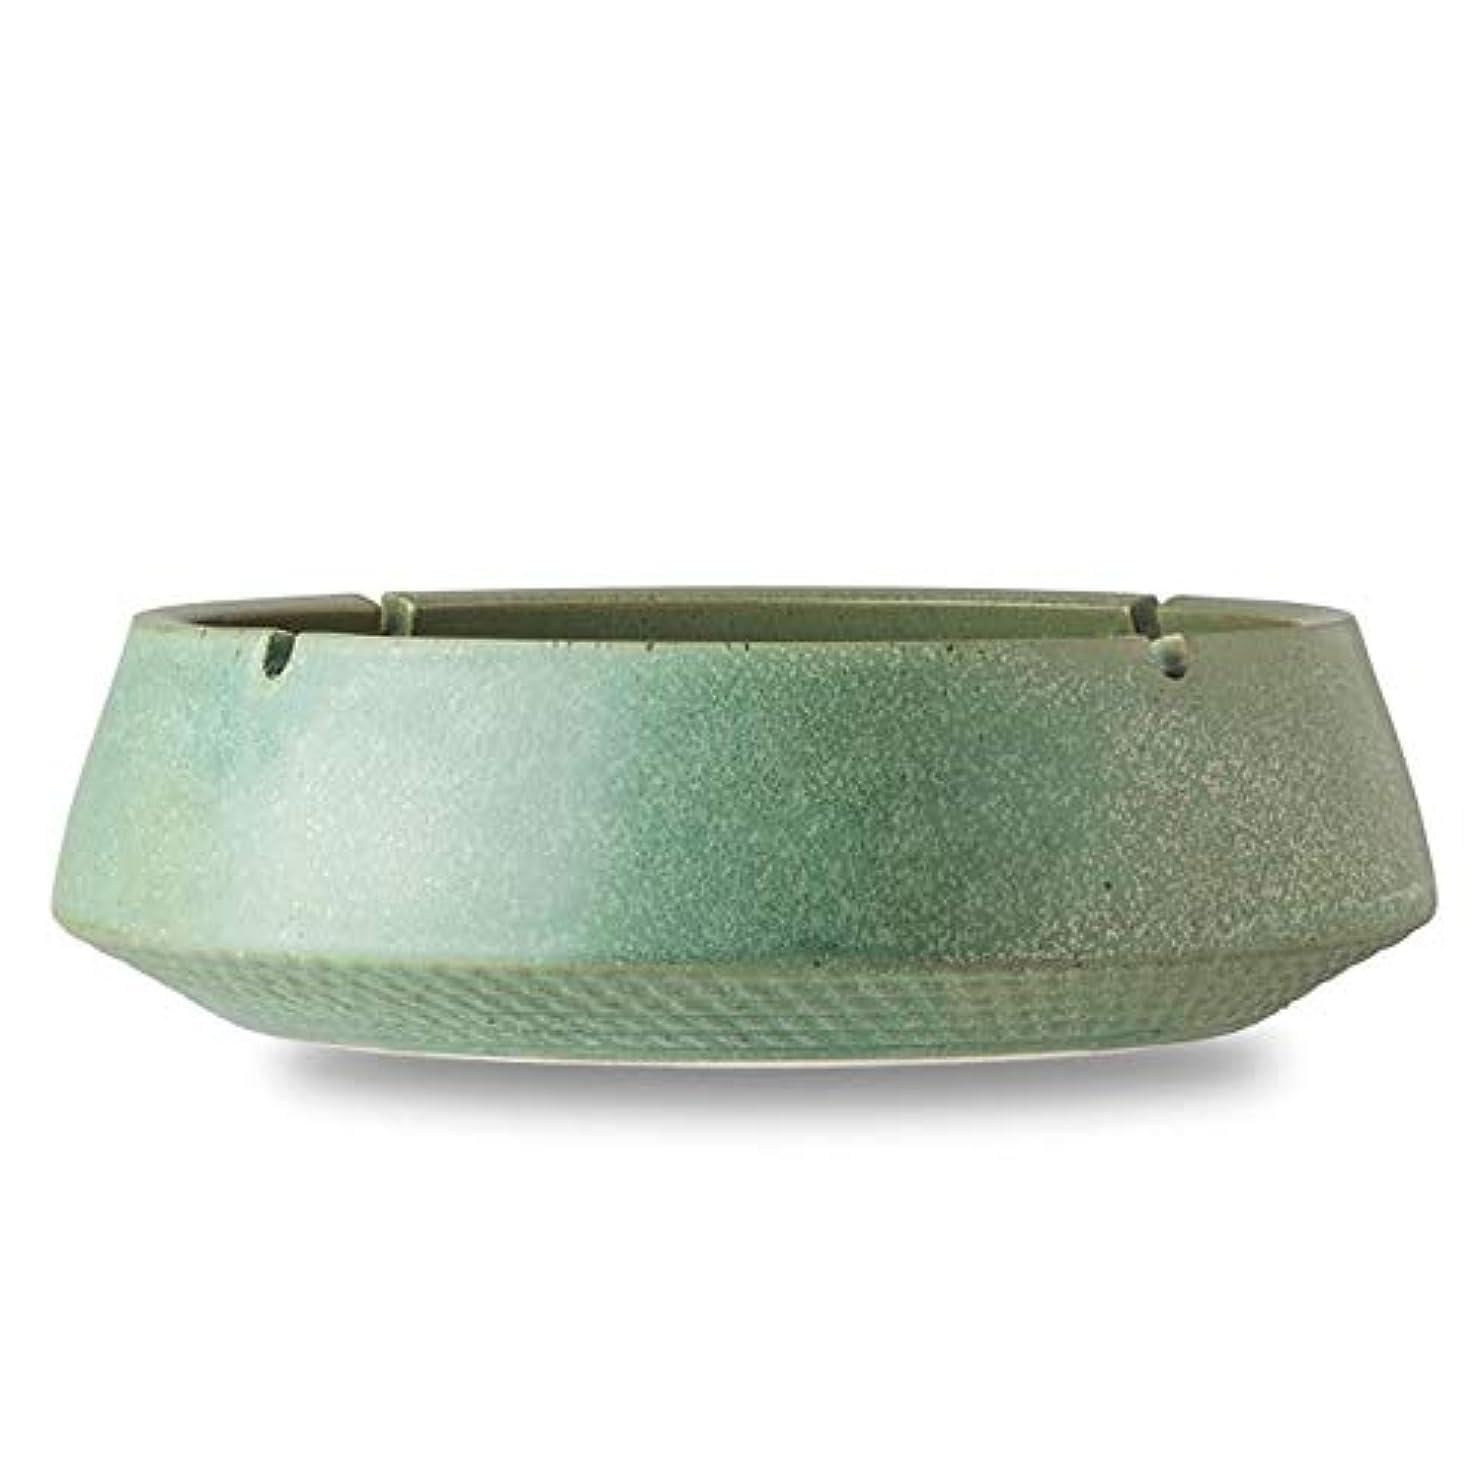 冷笑する狂乱かみそりクリエイティブエンボスセラミック灰皿大レトロホームリビングルームオフィス肥厚灰皿、デザインの安定性と格納するのは簡単に増すために厚く、レリーフ底の個性はもっと (色 : D)